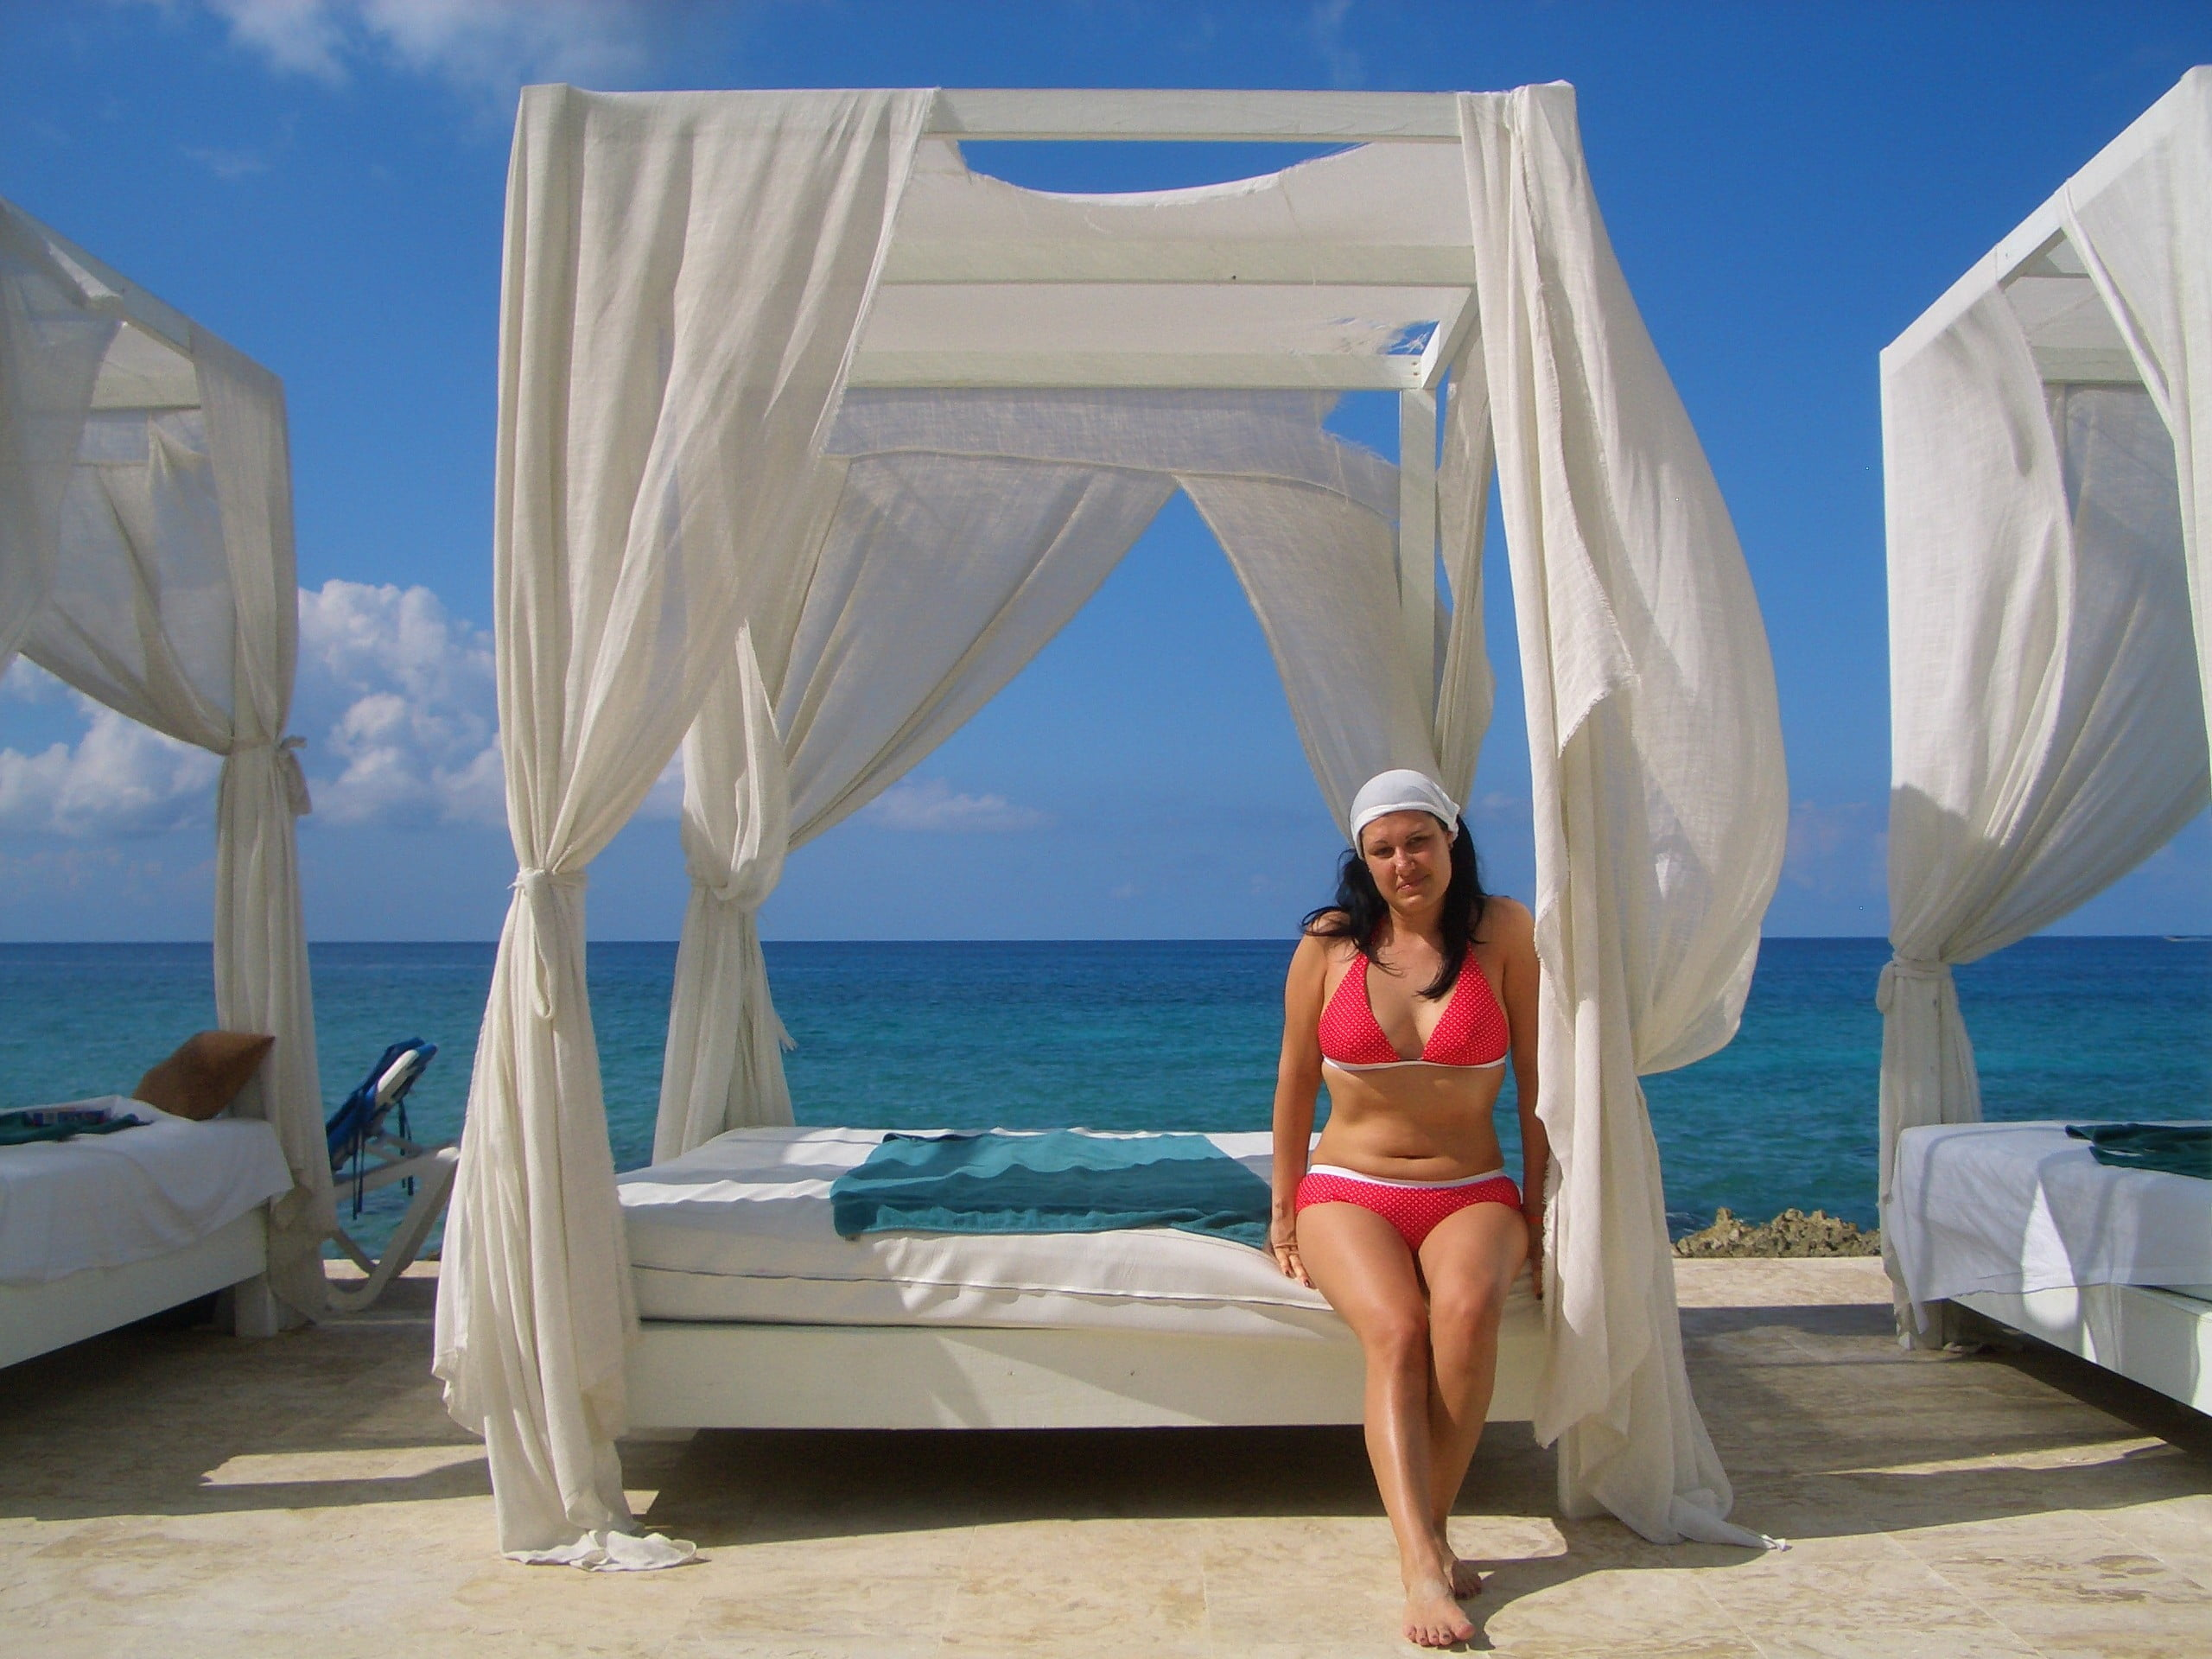 VIVA DOMINICUS BEACH REPUBBLICA DOMINICANA BAYAHIBE